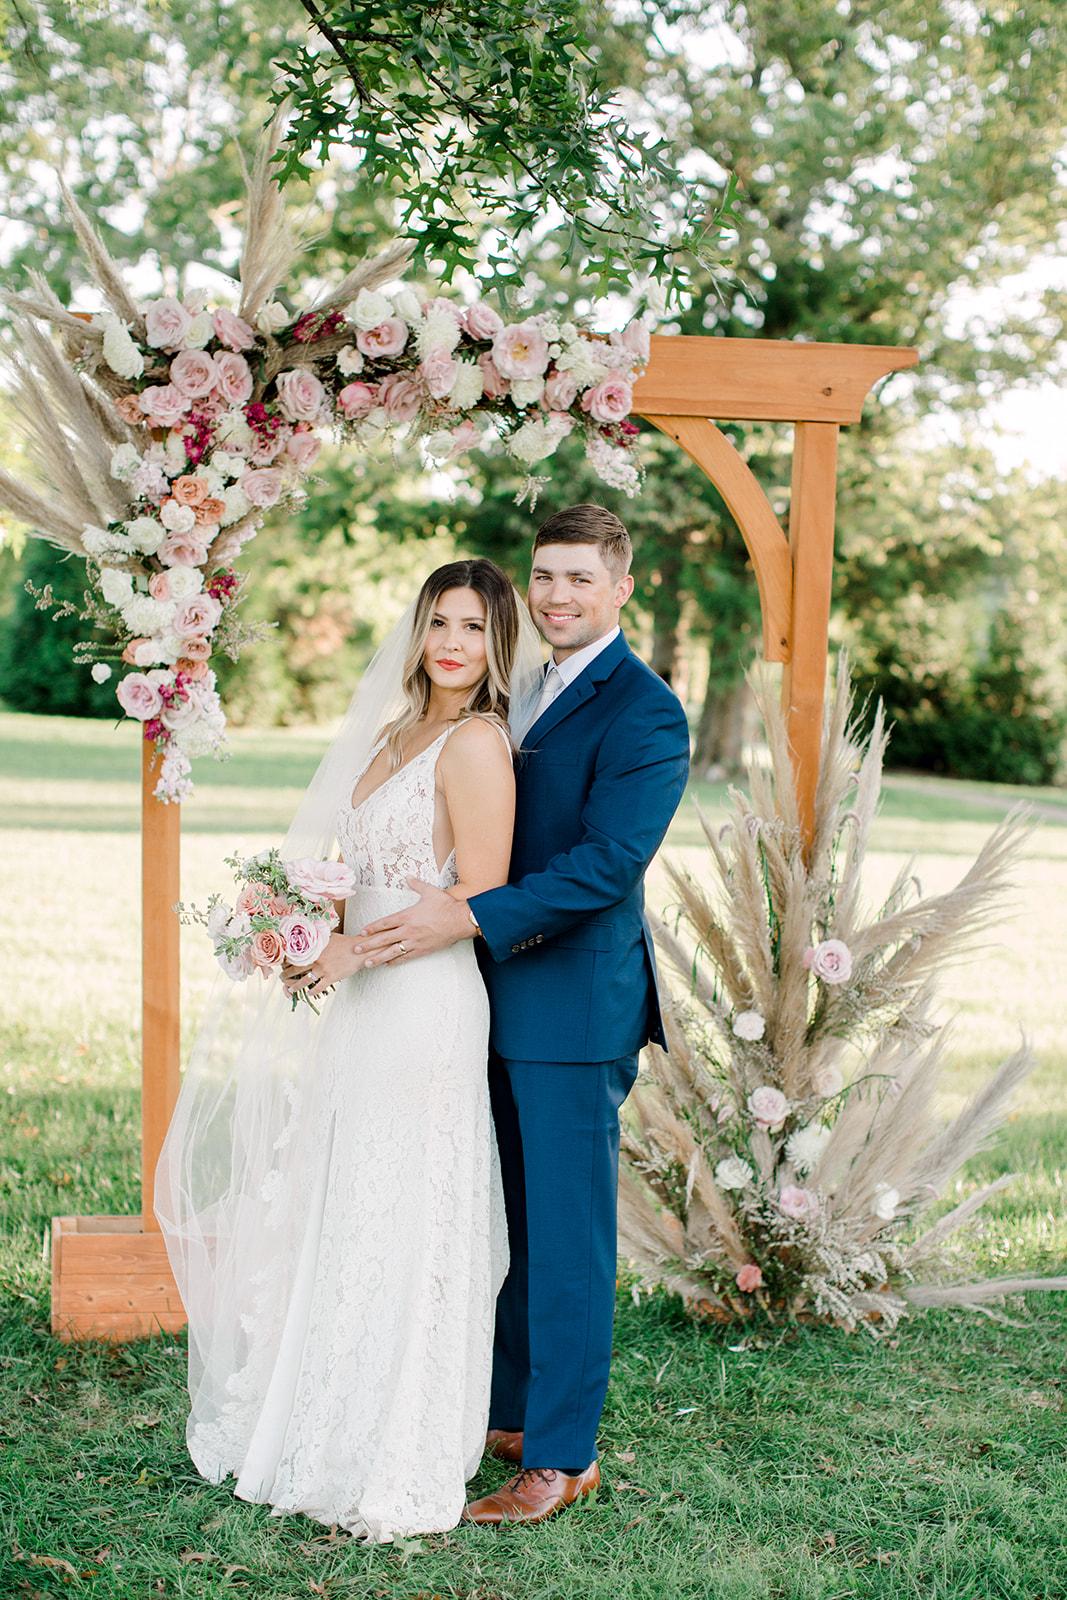 Nashville wedding photographer Ashton Brooke Photography | Nashville Bride Guide